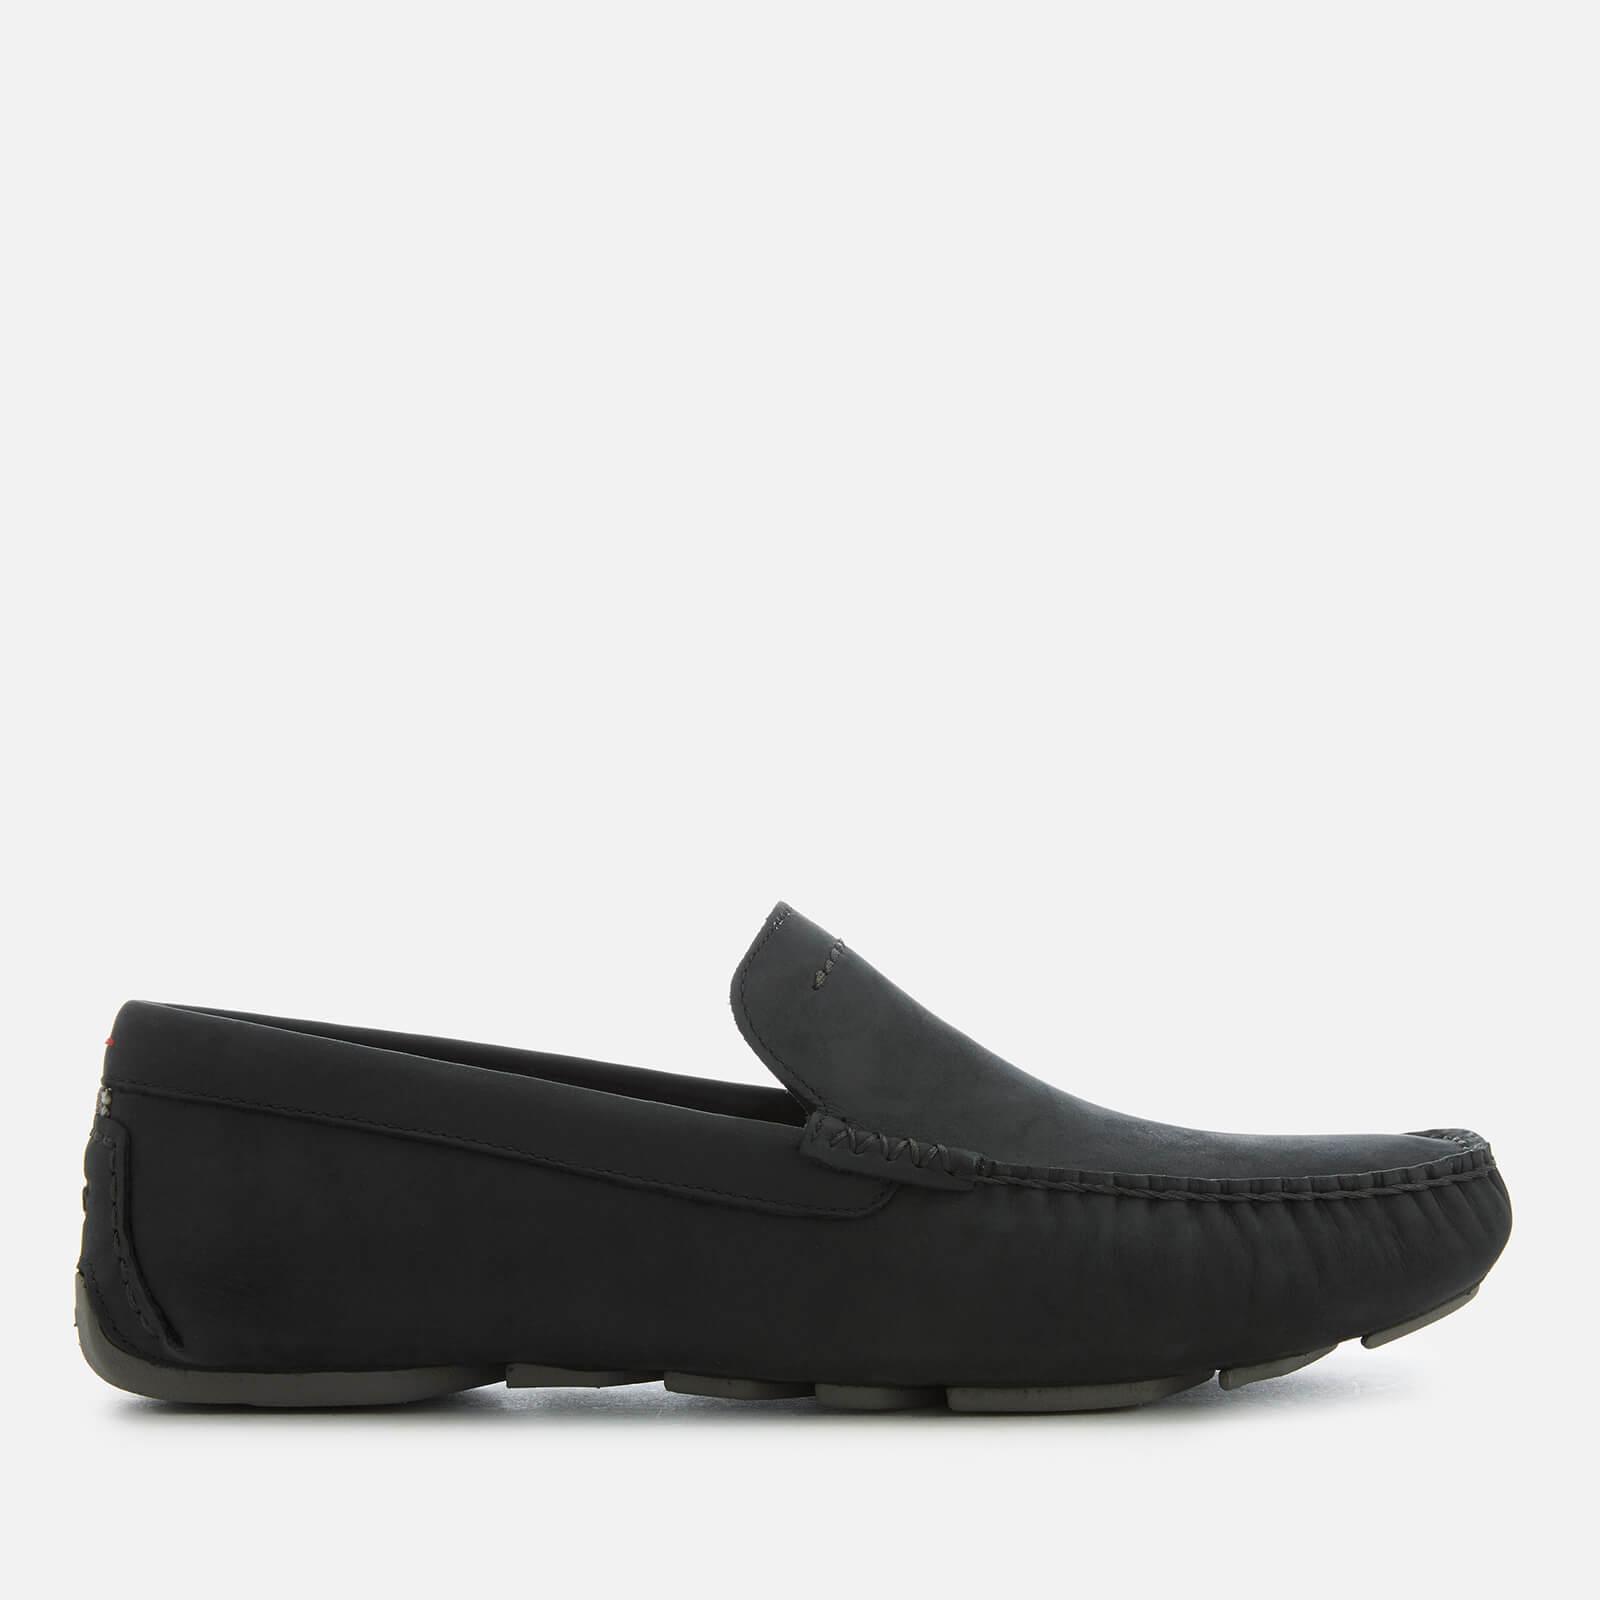 UGG Men's Henrick Driver Shoes - Black - UK 11